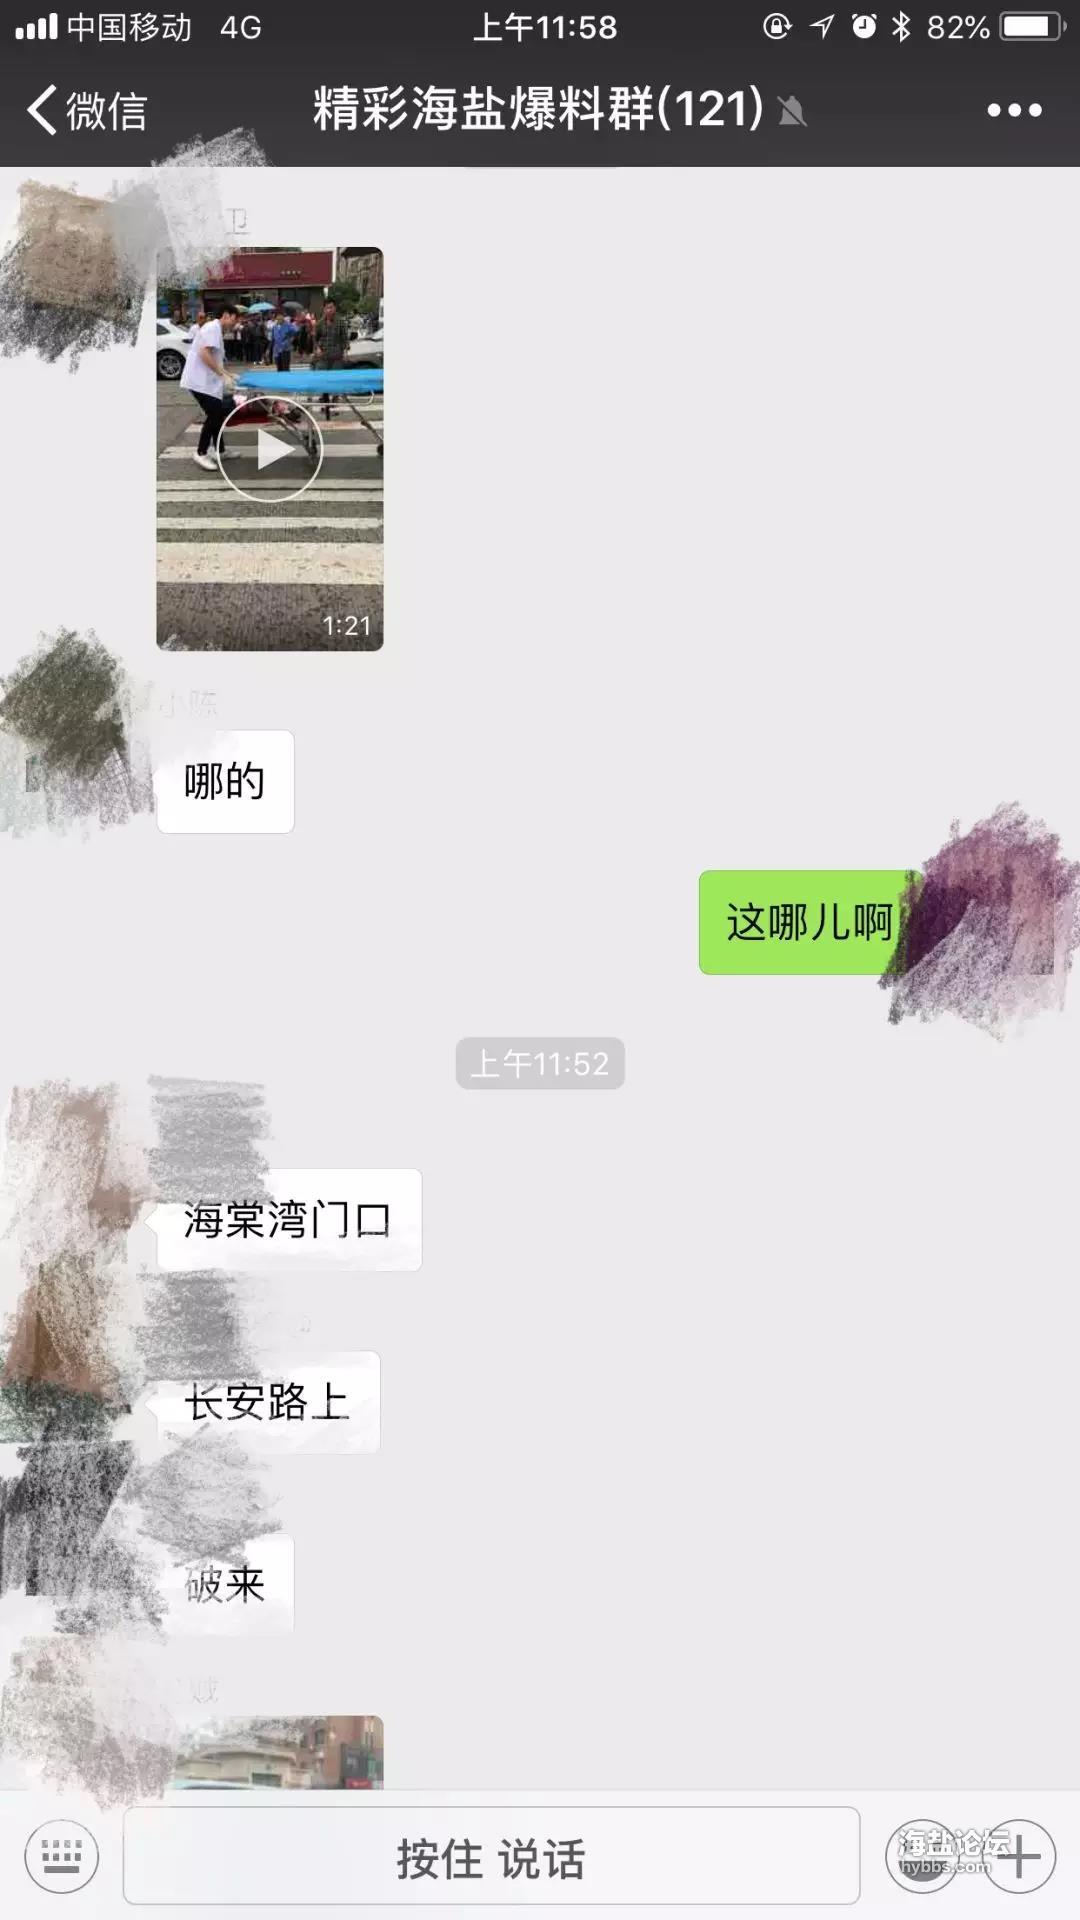 微信图片_20180605140241.jpg